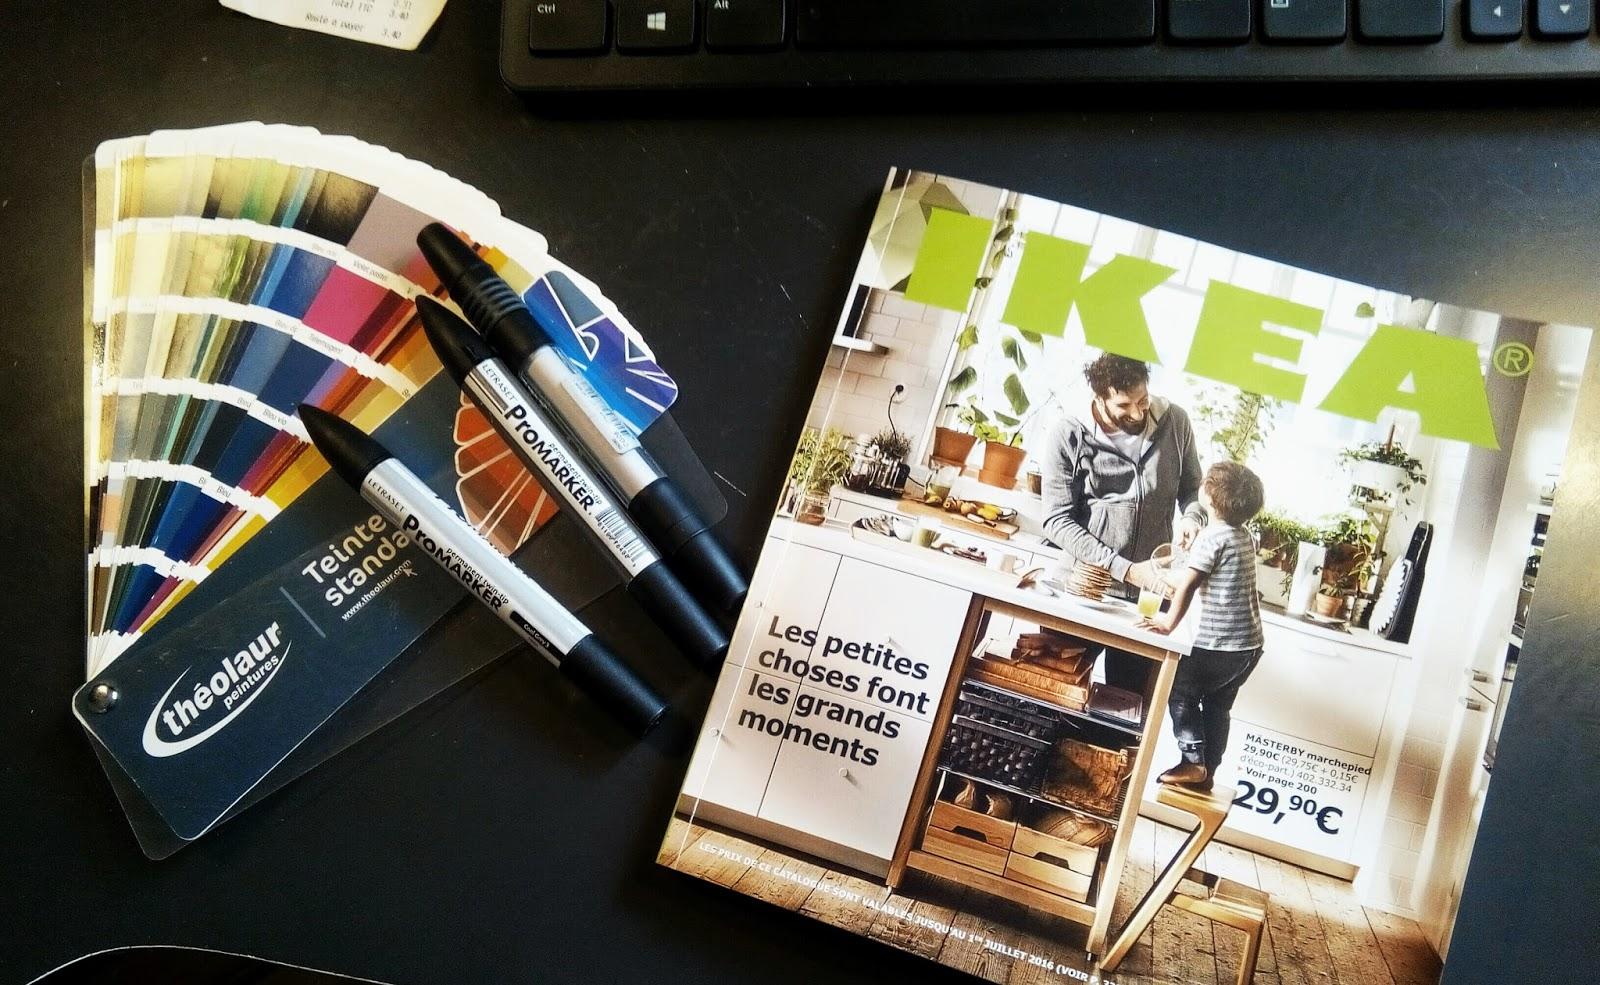 les tendances du nouveau catalogue ikea collection 2015 2016 blog duo creativ. Black Bedroom Furniture Sets. Home Design Ideas